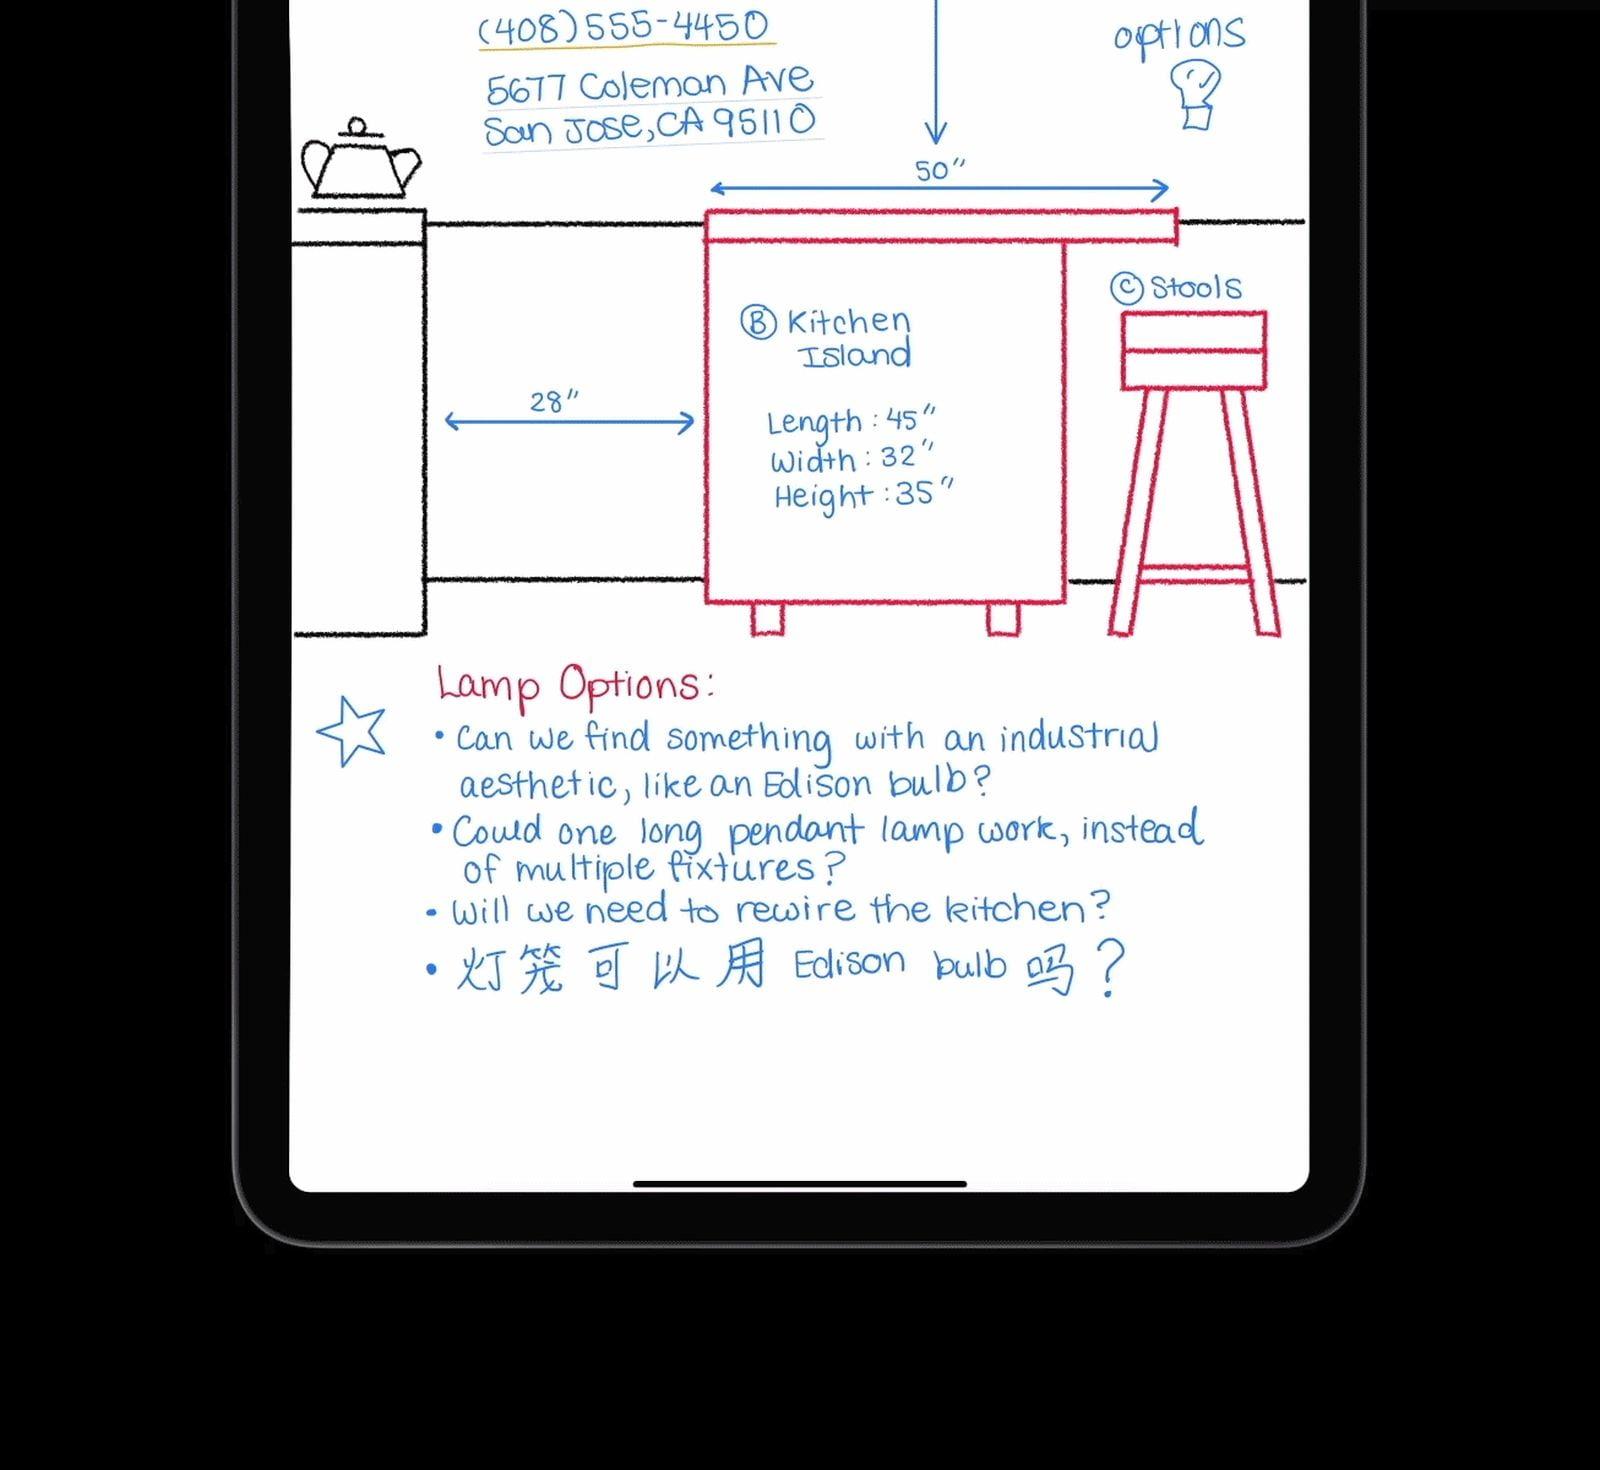 wwdc iPadOS 14